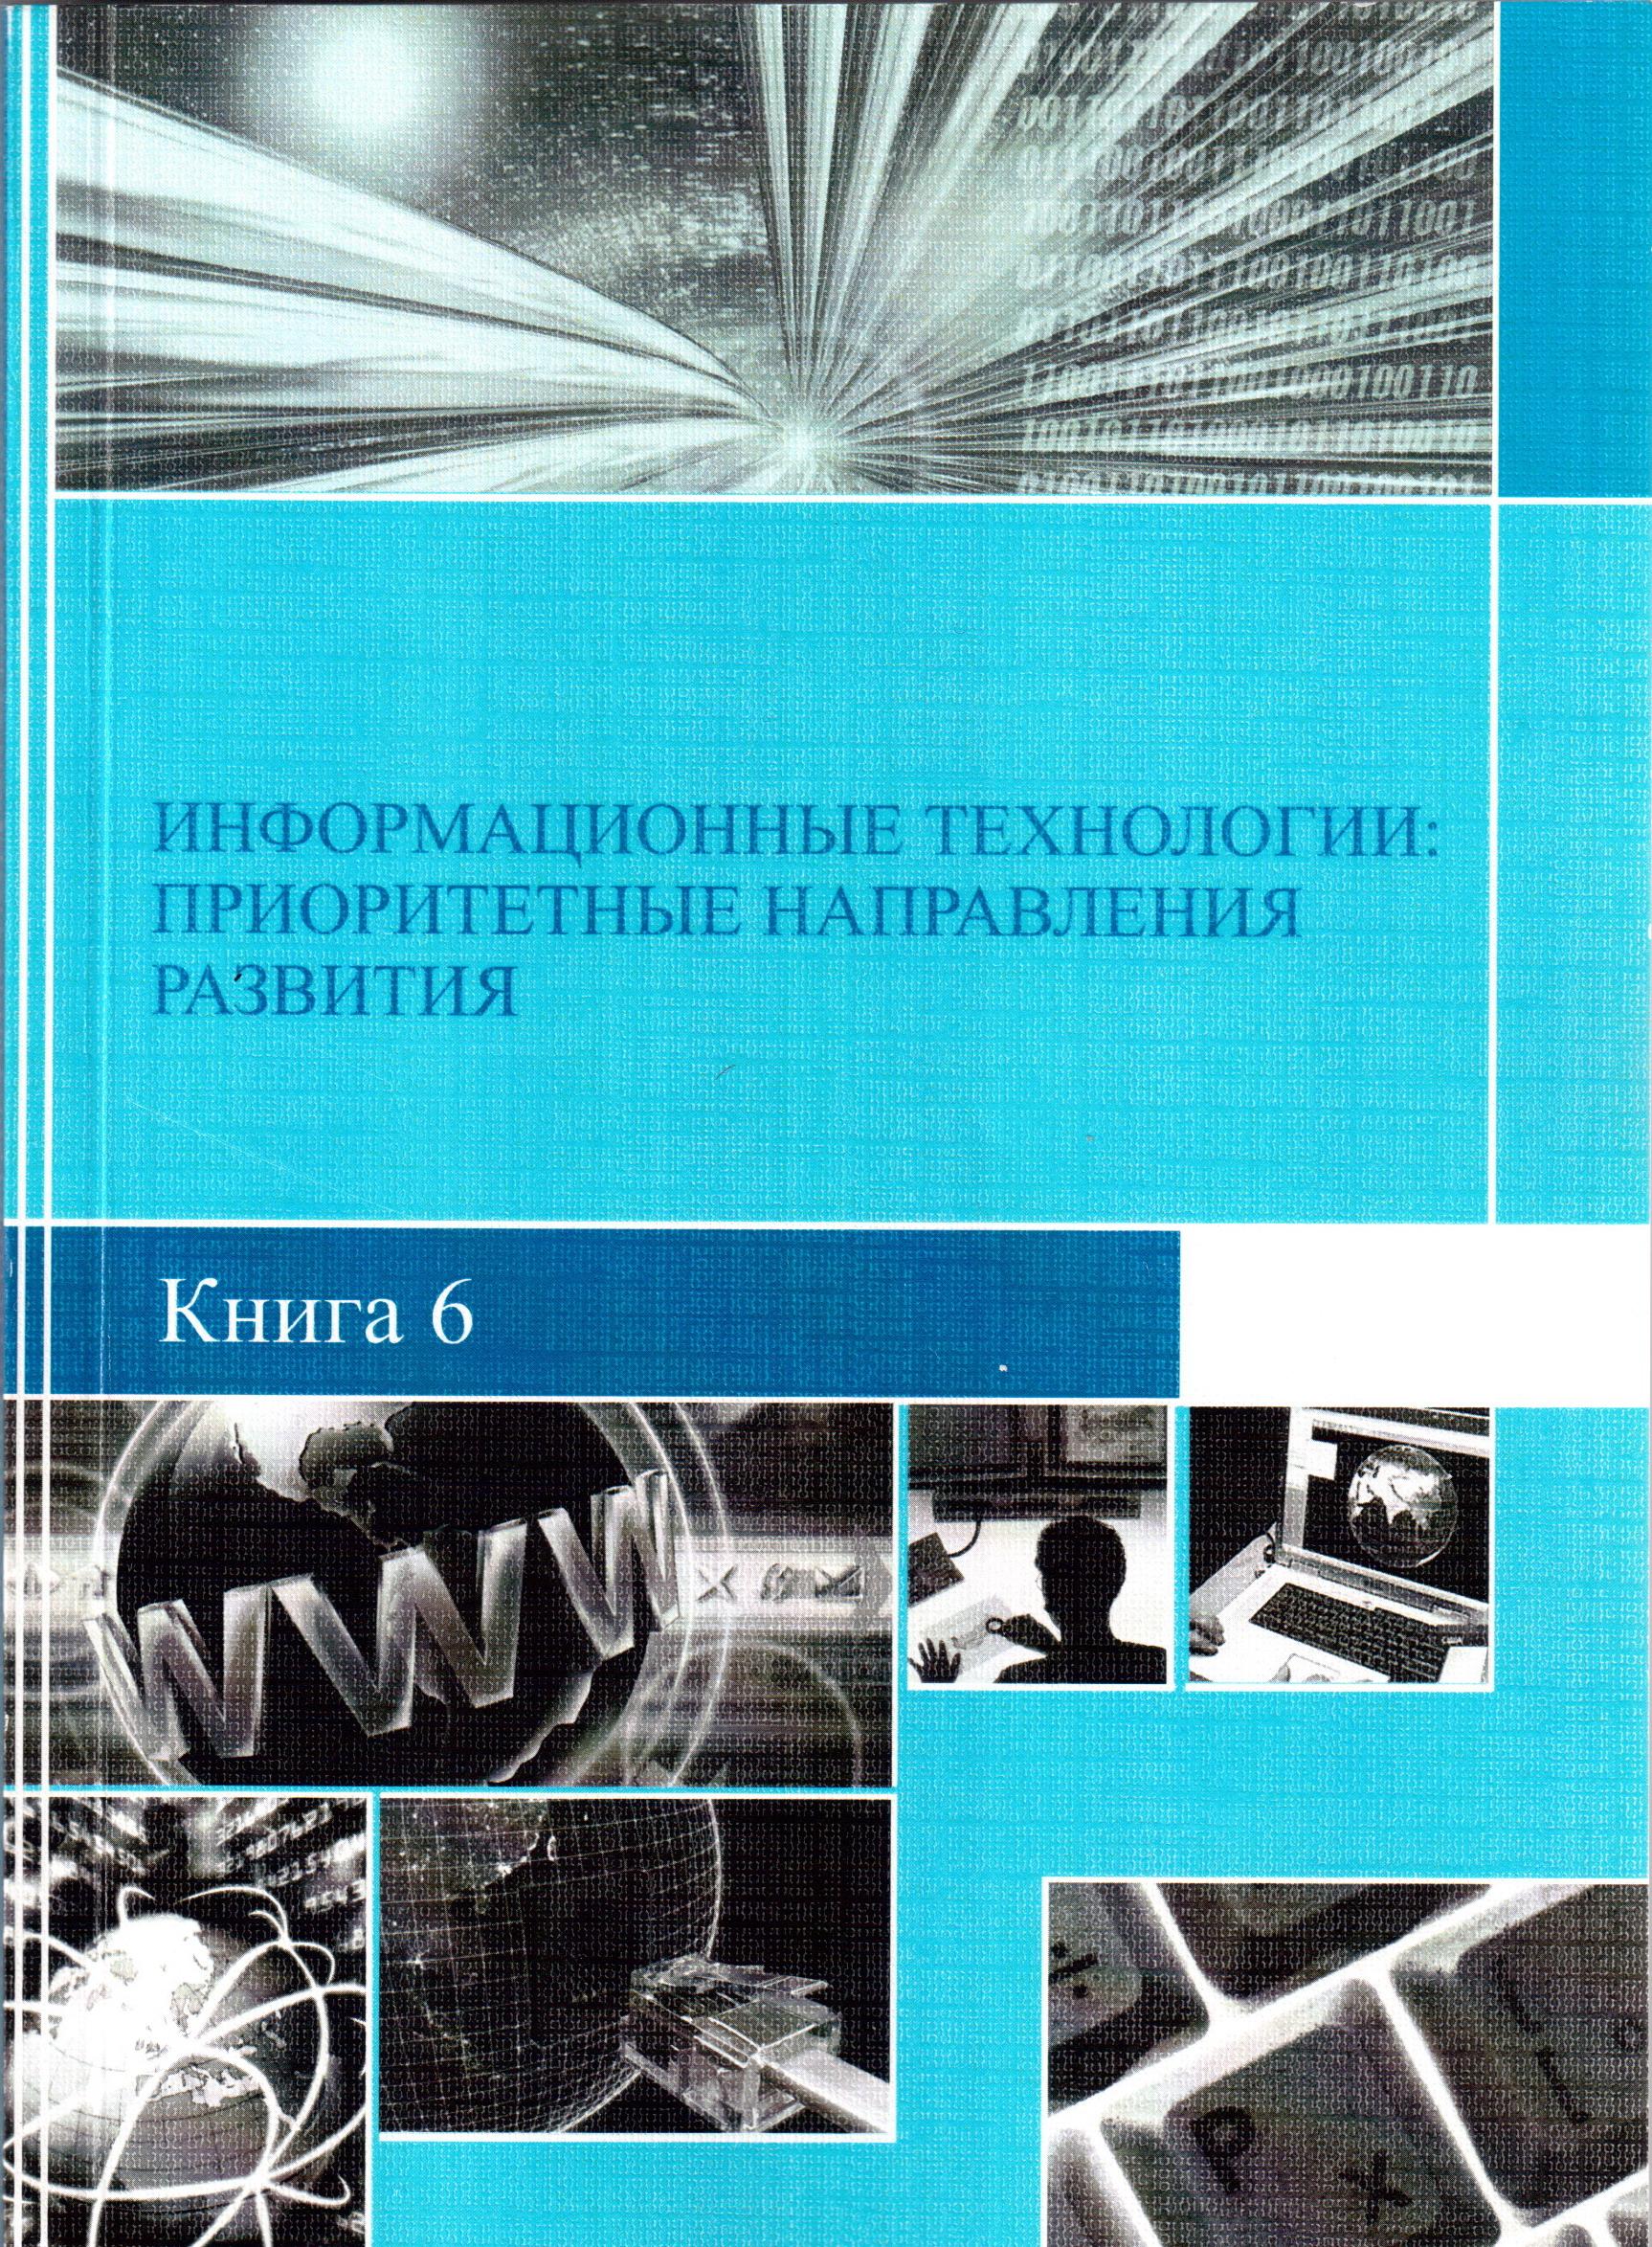 Информационные технологии: приоритетные направления развития